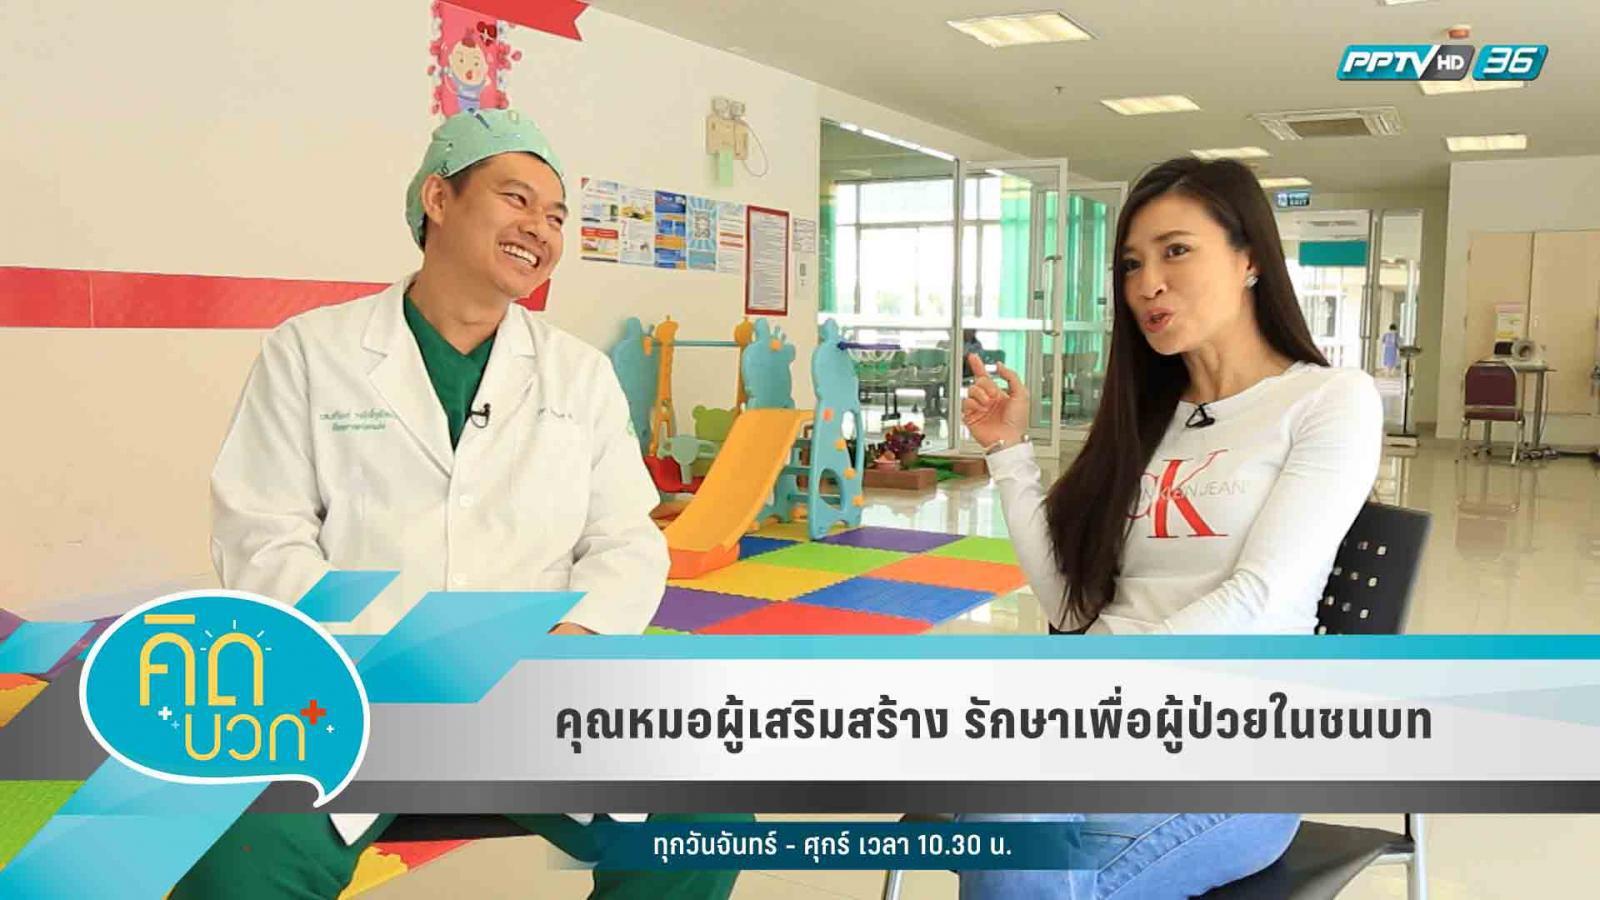 คุณหมอผู้เสริมสร้าง รักษาเพื่อผู้ป่วยในชนบท